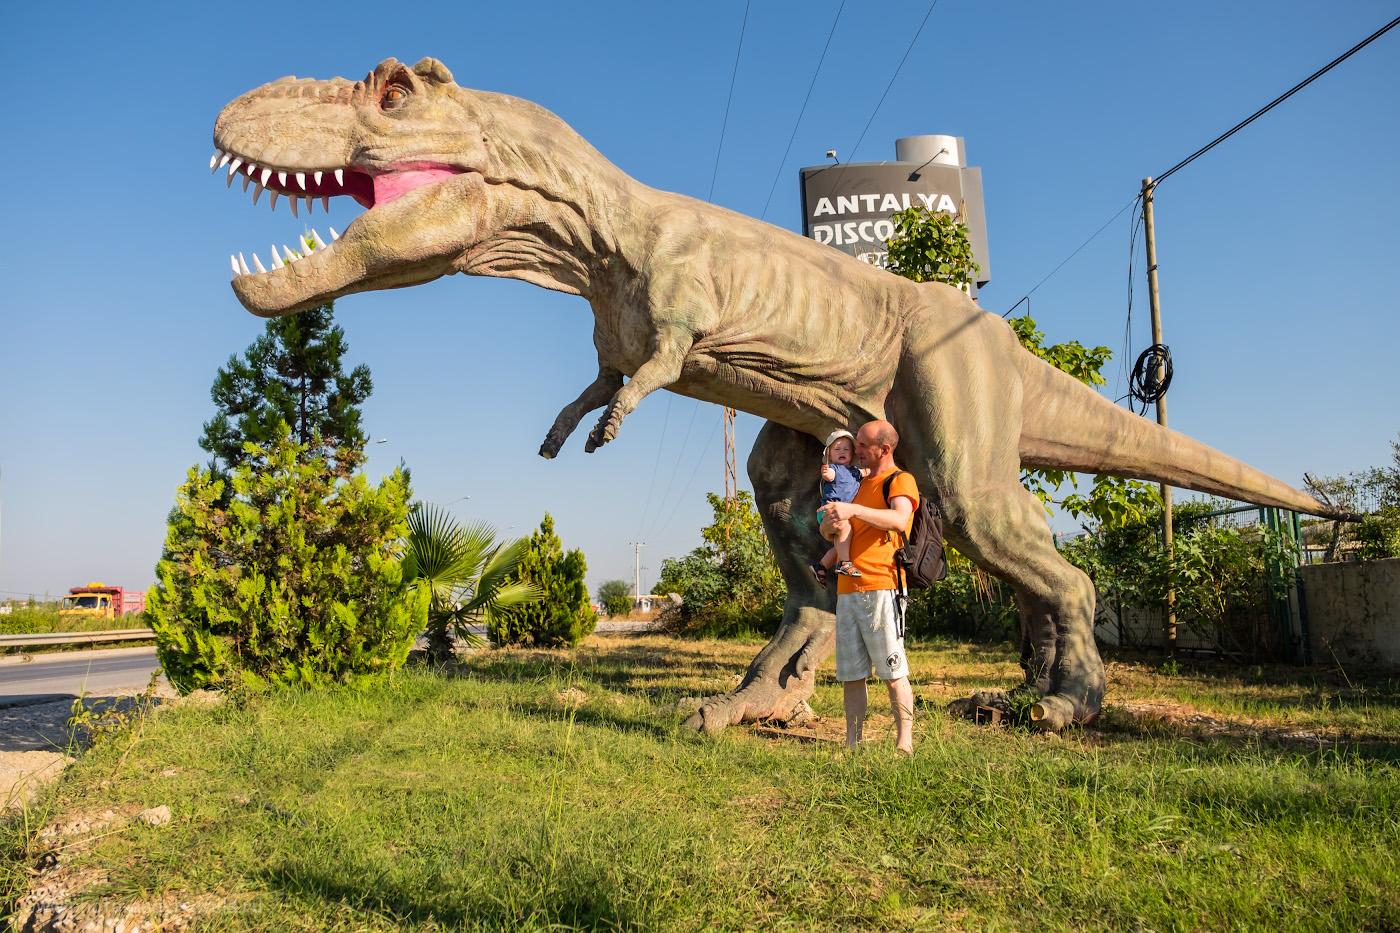 27. В парке динозавров «DinoPark» в поселке Гёйнюк можно сделать отличные фотографии. Этот снимок получен в «Дискавери-Парк в Сиде», и, как видно, маленькому ребёнку понадобится время, чтобы привыкнуть к виду гигантского чудовища. 1/4000, 2.8, 200, -0.67, 17.